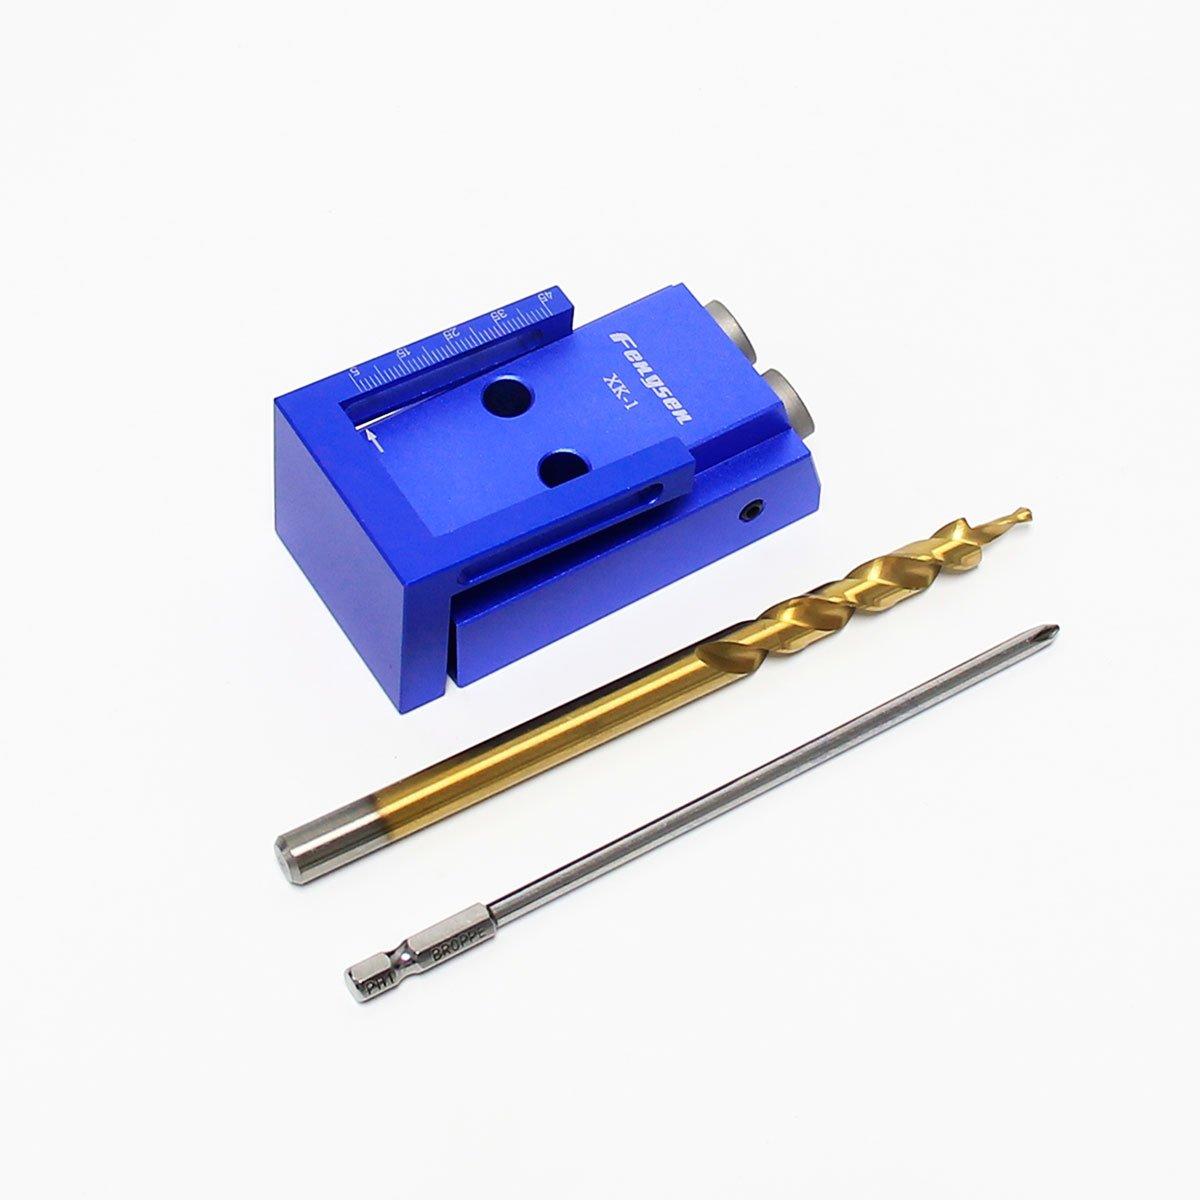 Wisamic Kit per carpenteria per riparazioni di sistemi di fori per la tasca in lega di alluminio Kit con punta per trapano e accessori per la lavorazione del legno